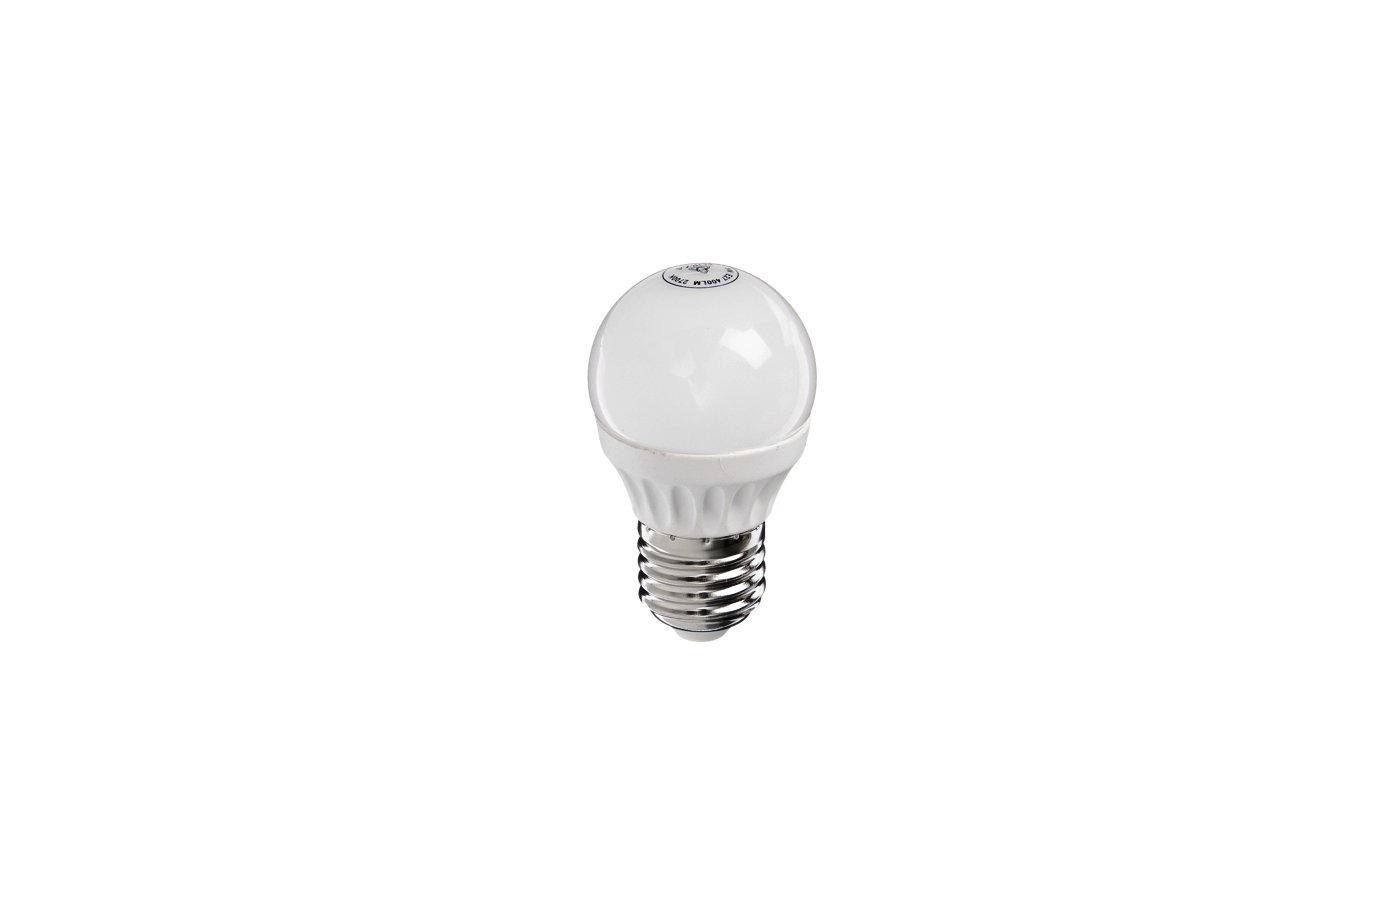 Лампочки LED FORZA  G45 5W, E27, 400lm 2700К